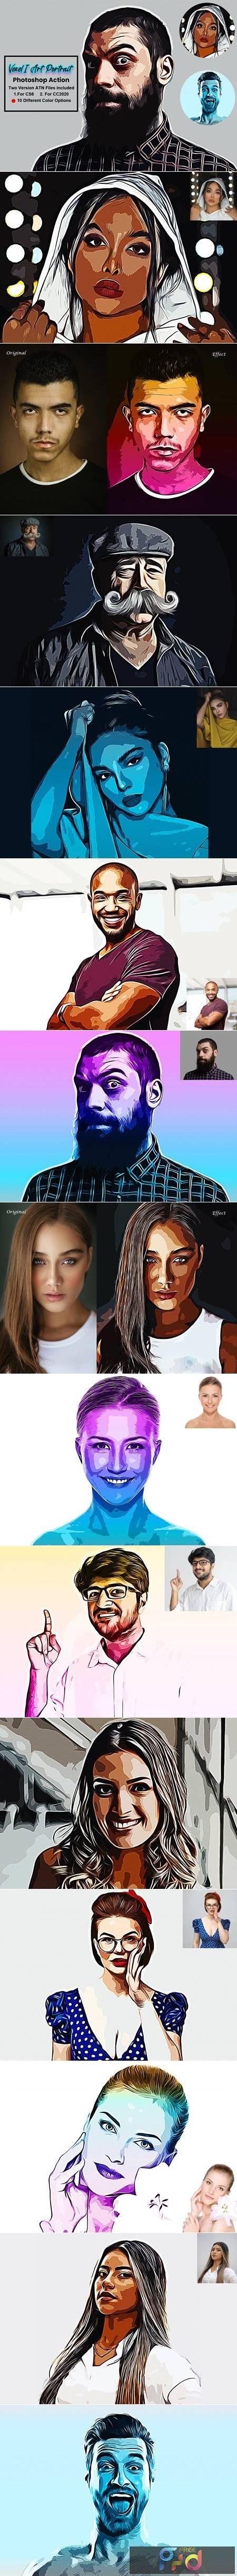 Vexel Art Portrait Photoshop Action 5619194 1